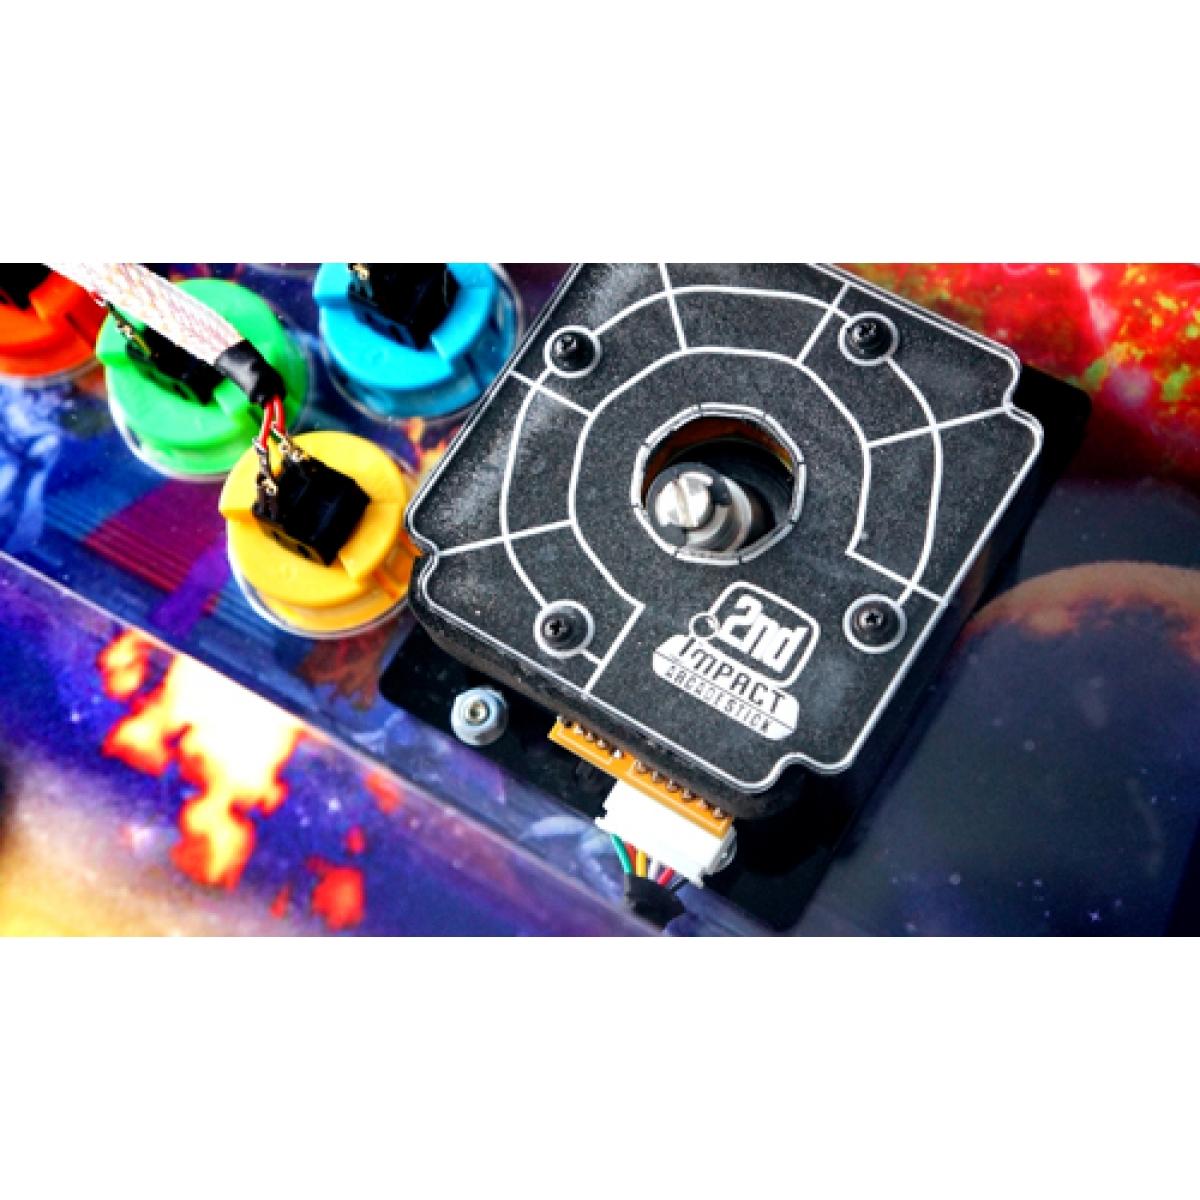 Controle Arcade para PC, PS3 e PS4 2ND Impact Falcon Full Acrílico Manche Optico Silent